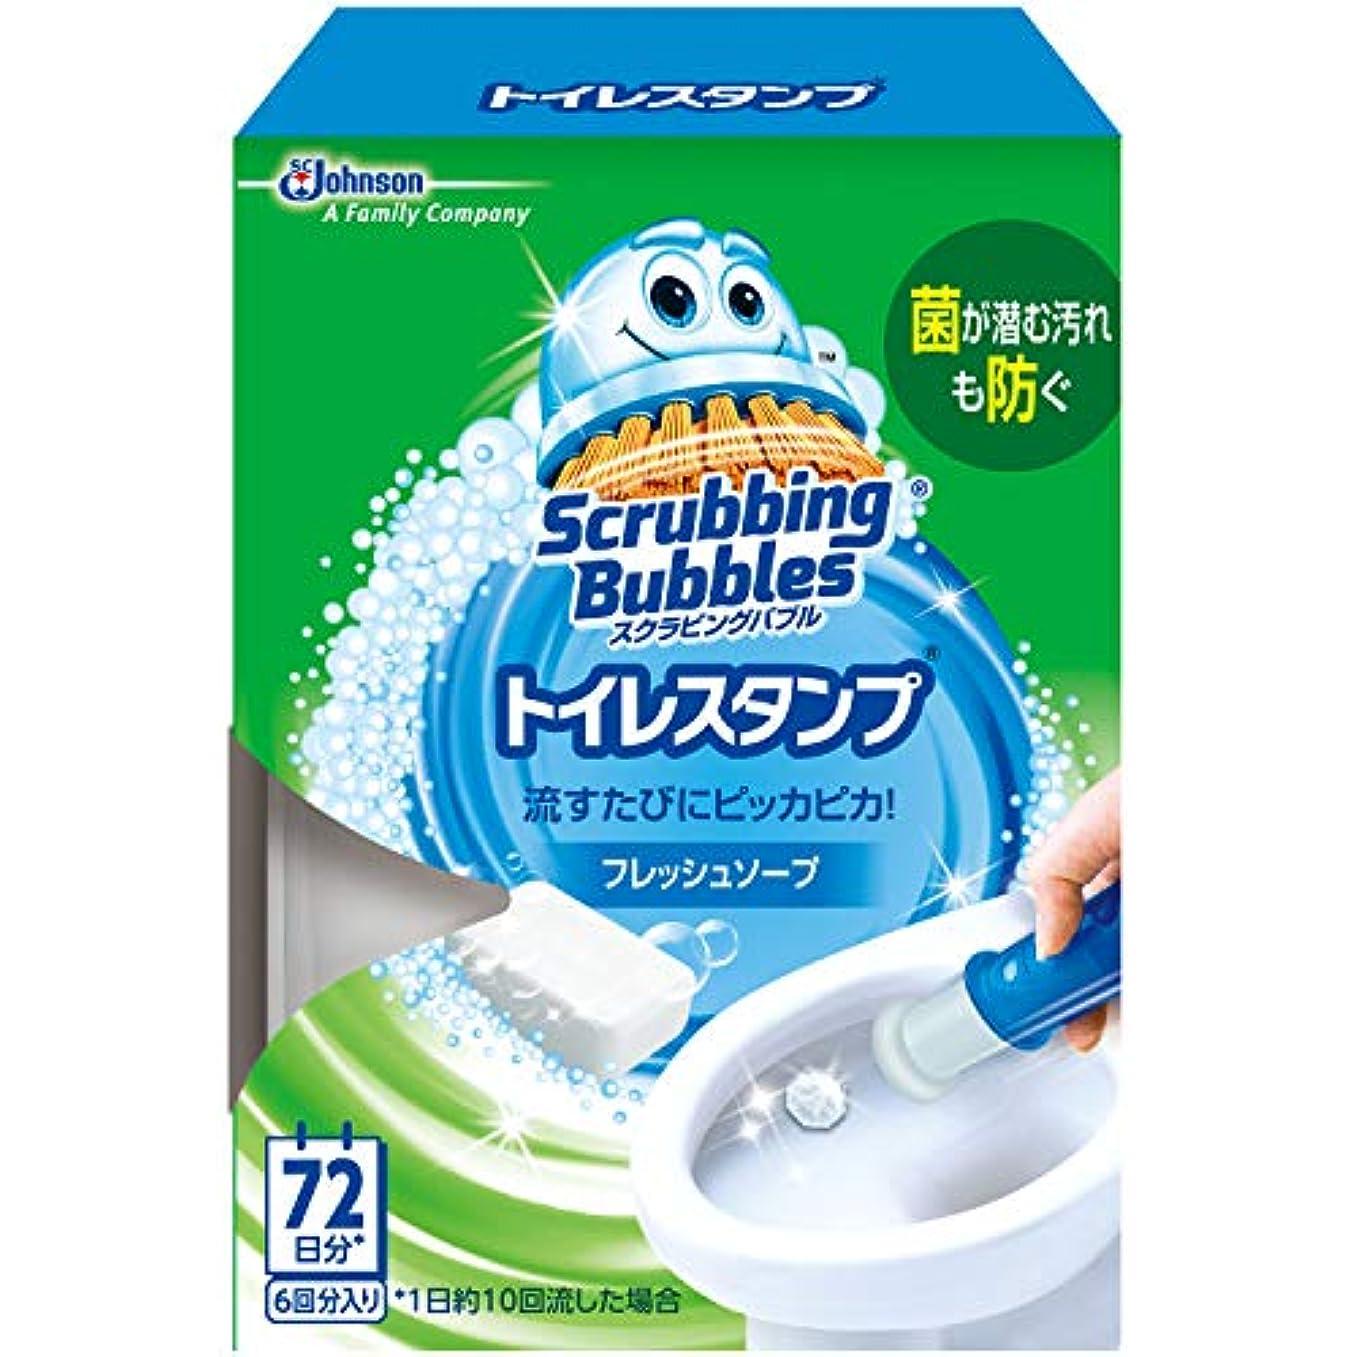 佐賀ミシンマイルストーンスクラビングバブル トイレ洗浄剤 トイレスタンプクリーナー フレッシュソープの香り 本体 (ハンドル1本+付替用1本) 6スタンプ分 38g